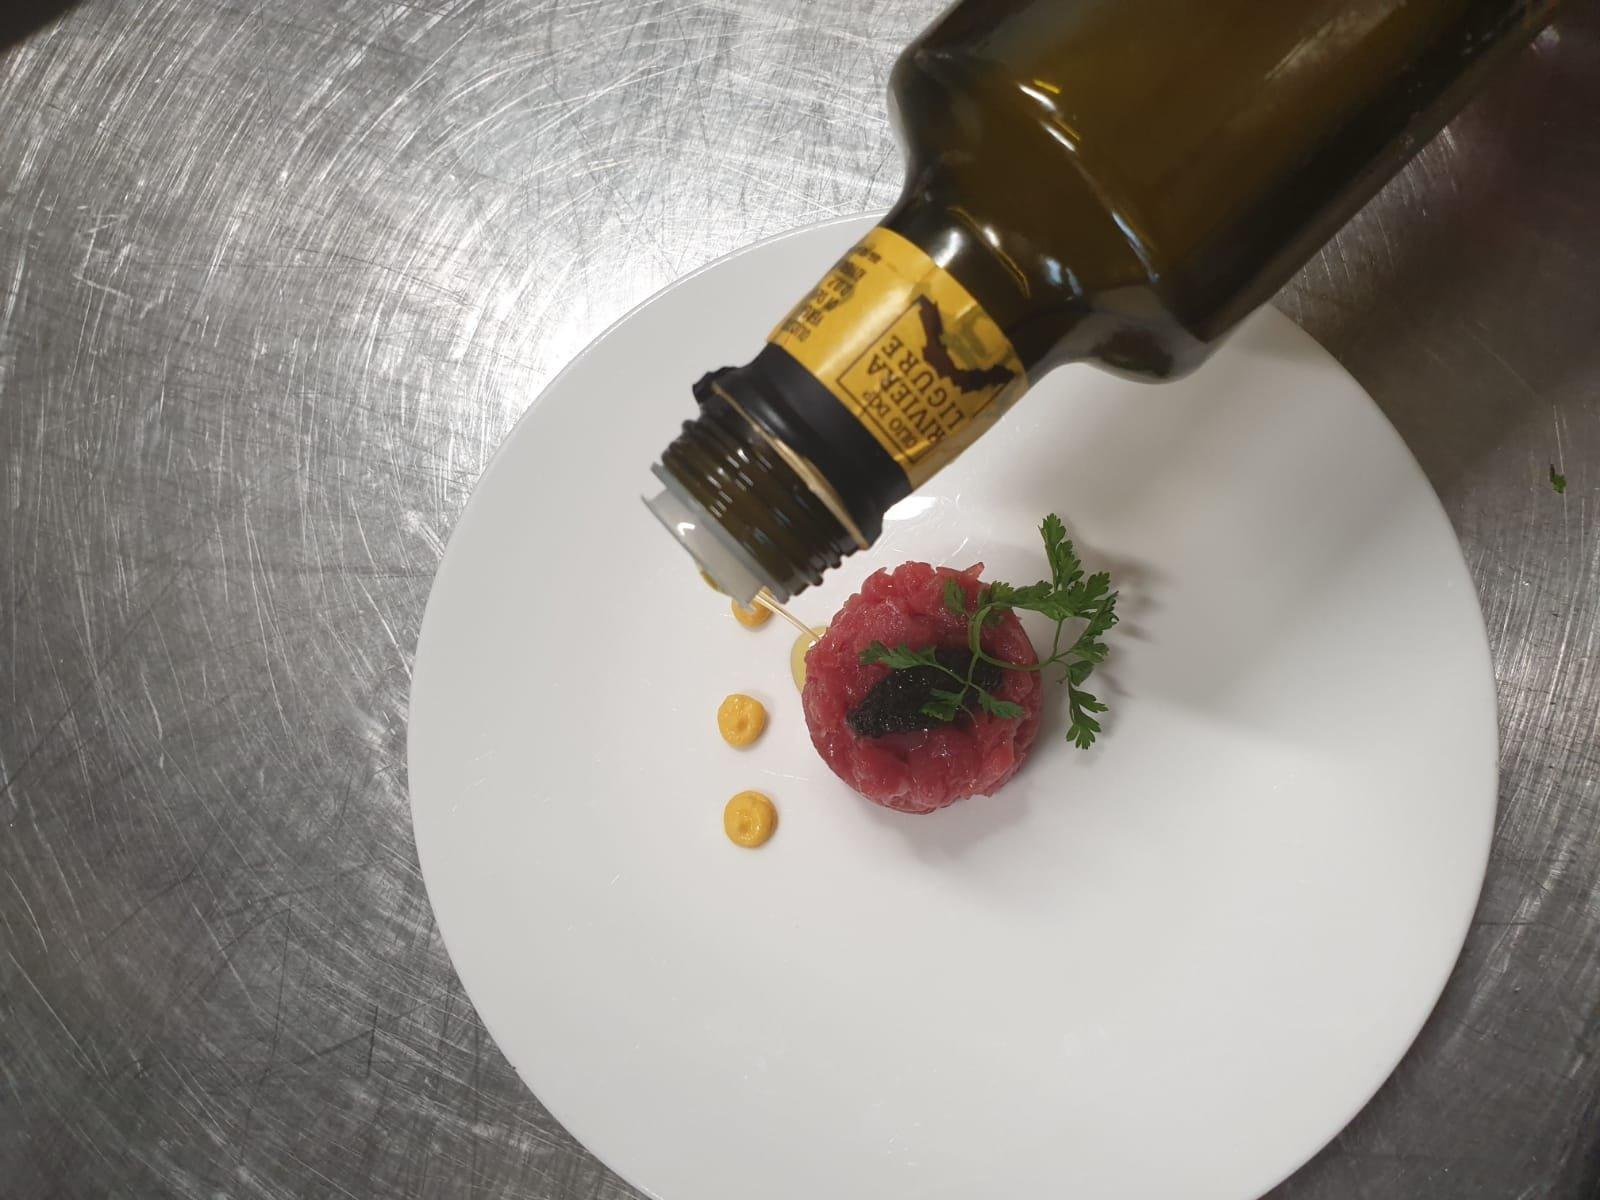 Il Consorzio di tutela dell'olio della Riviera Ligure ha incontrato la ristorazione delle Langhe per raccontare qualità, territorio e sicurezza del prodotto Dop